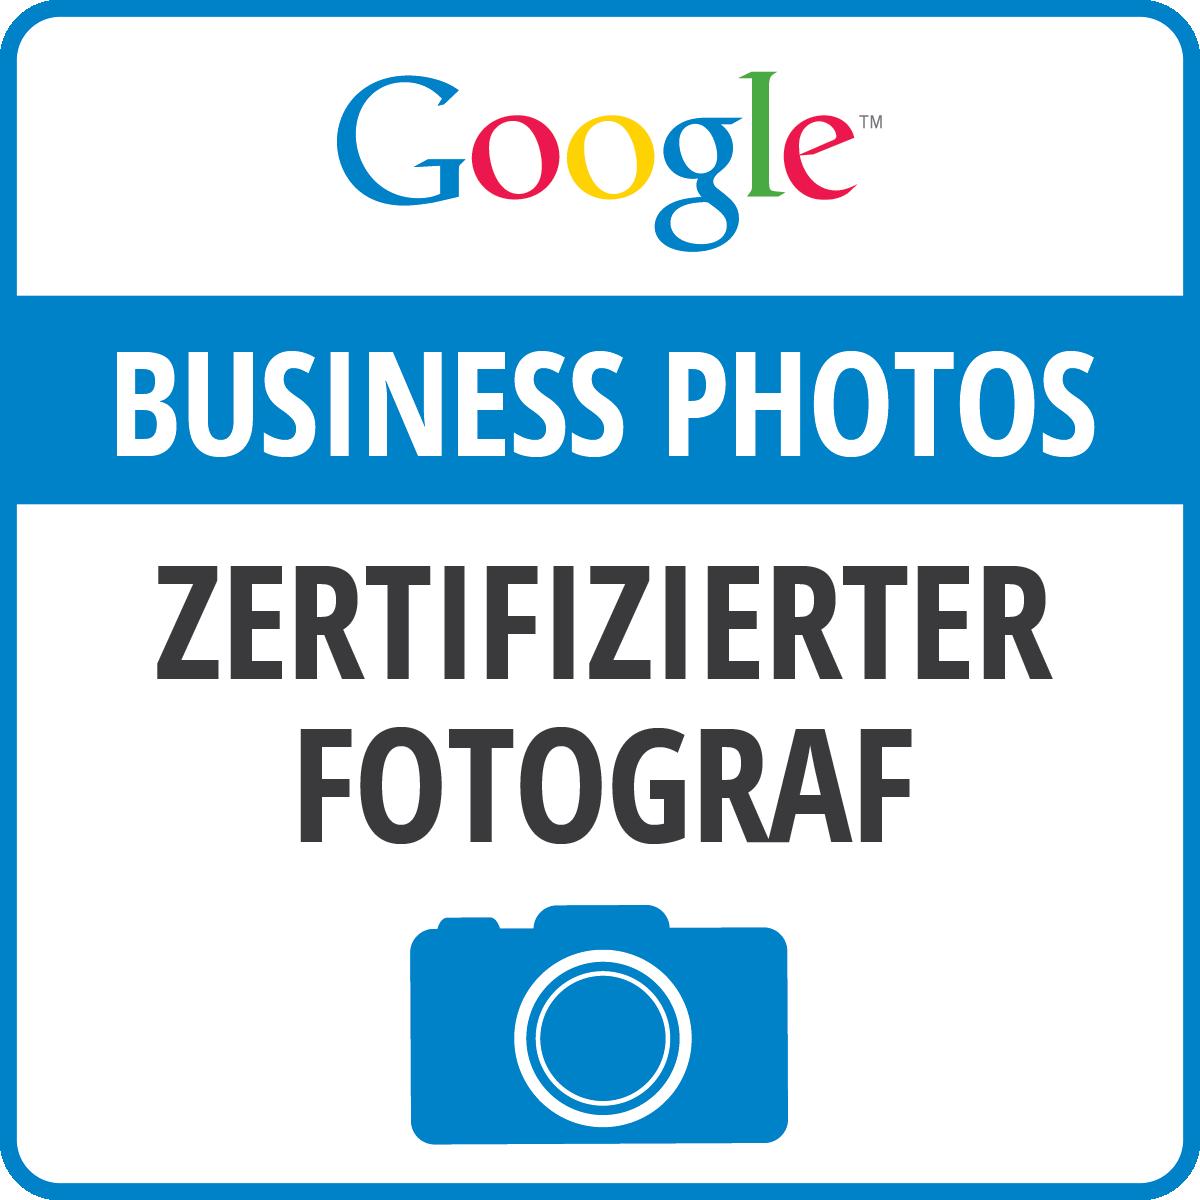 Google Business Photos